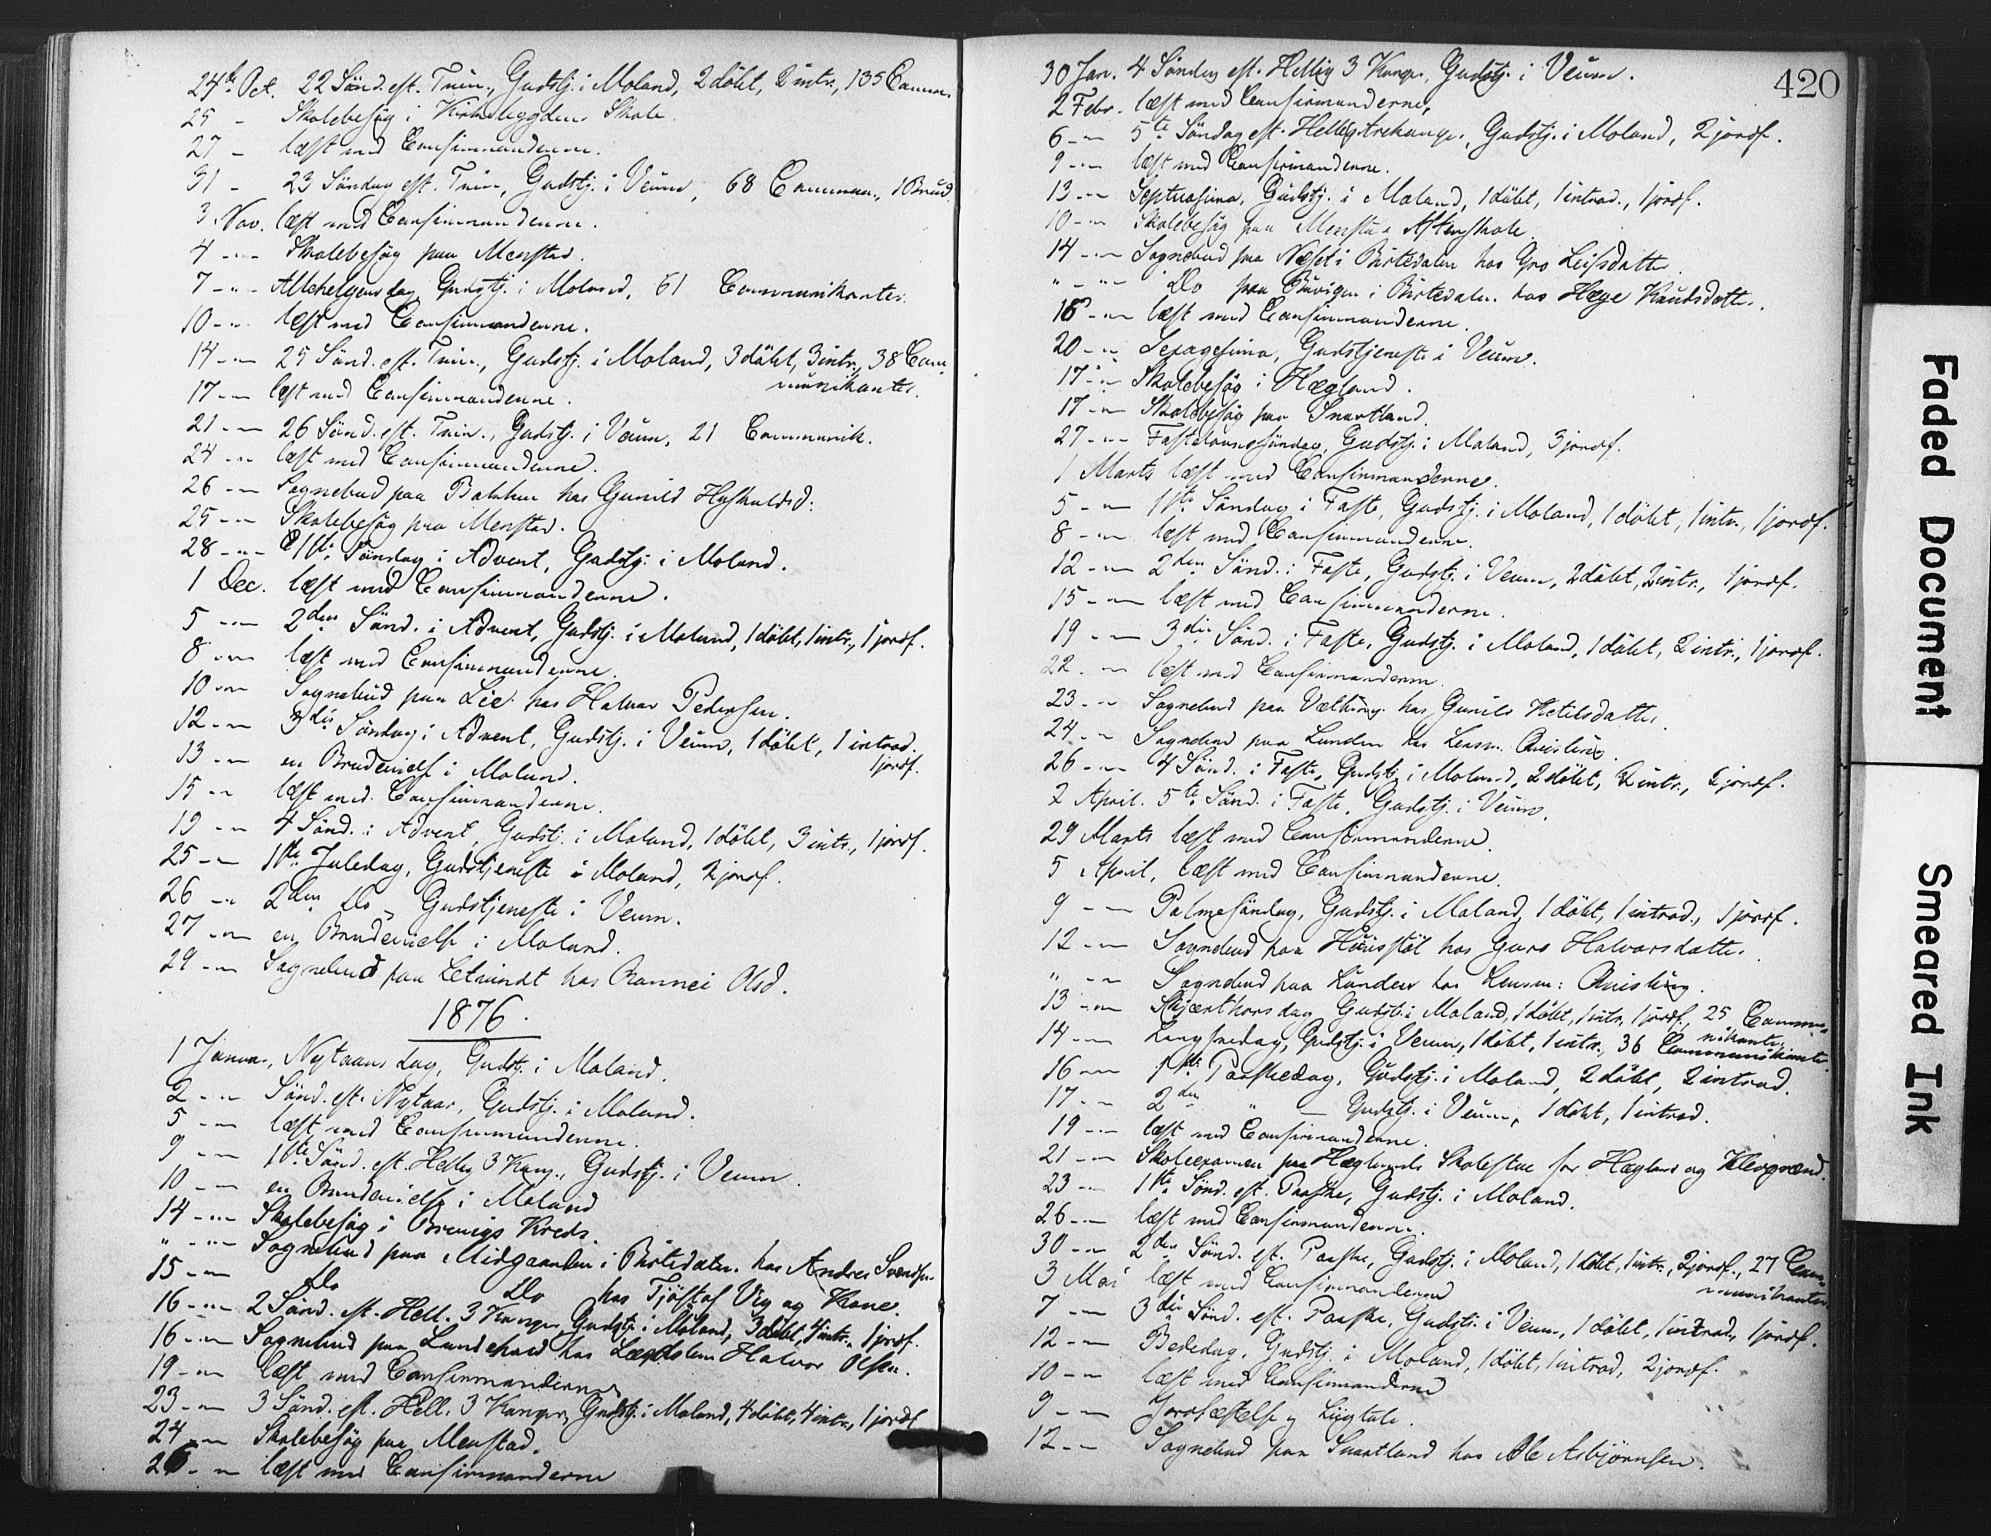 SAKO, Fyresdal kirkebøker, F/Fa/L0006: Ministerialbok nr. I 6, 1872-1886, s. 420